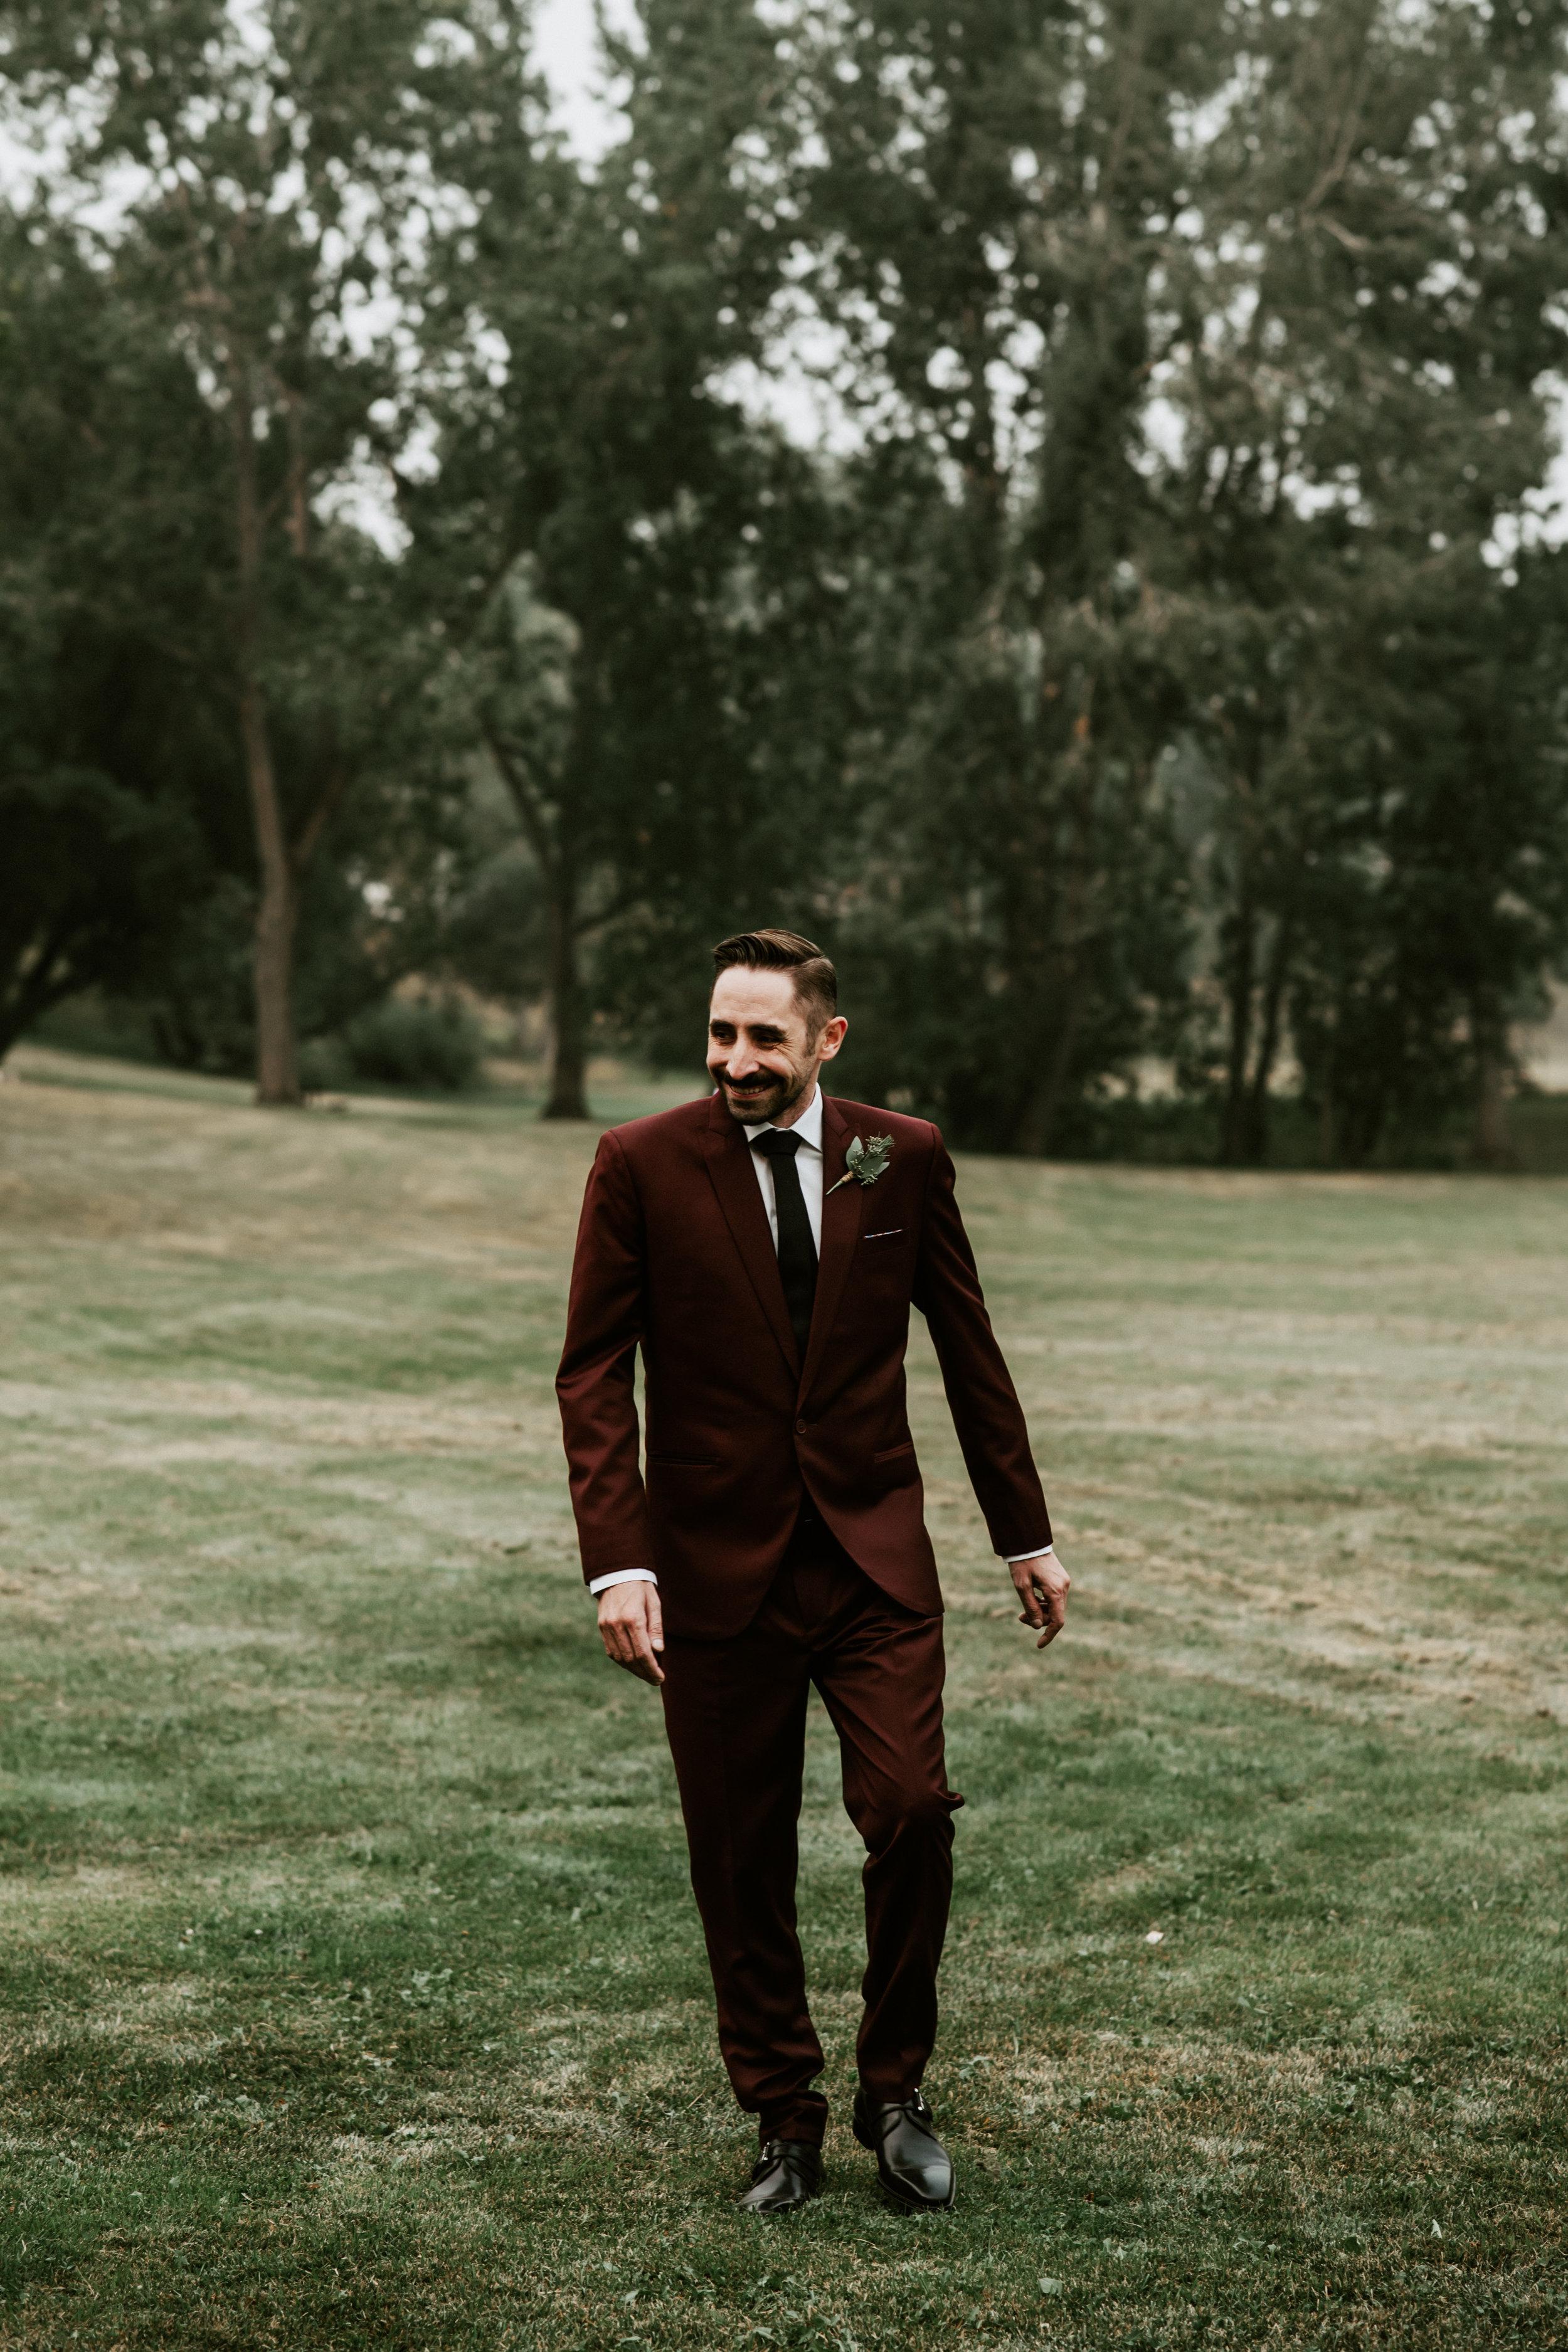 Calgary Wedding Photographer - 15 of 84.jpg